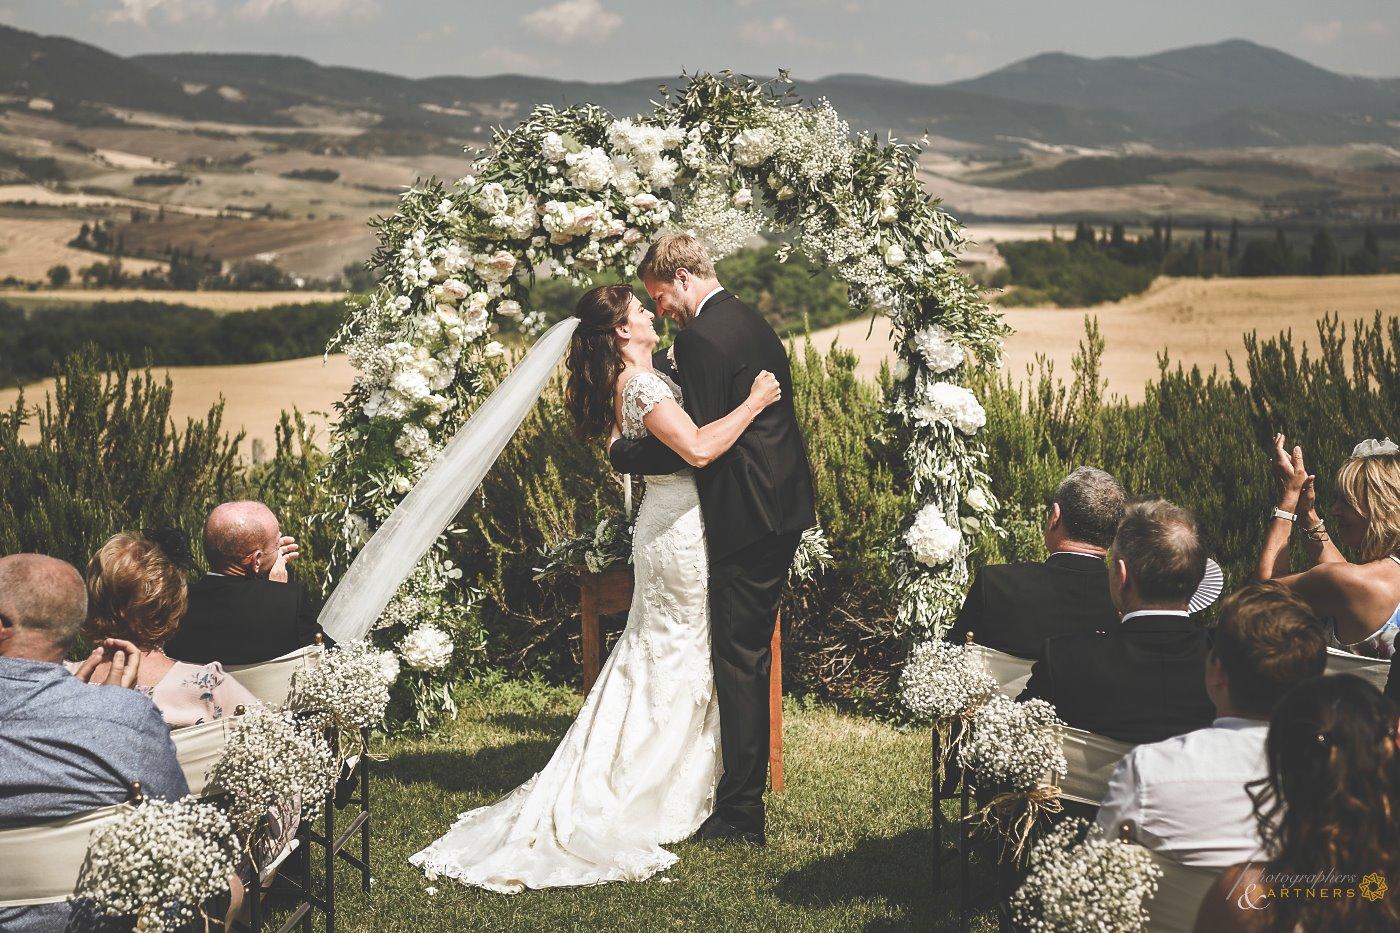 wedding_photos_borgo_castelvecchio_12.jpg